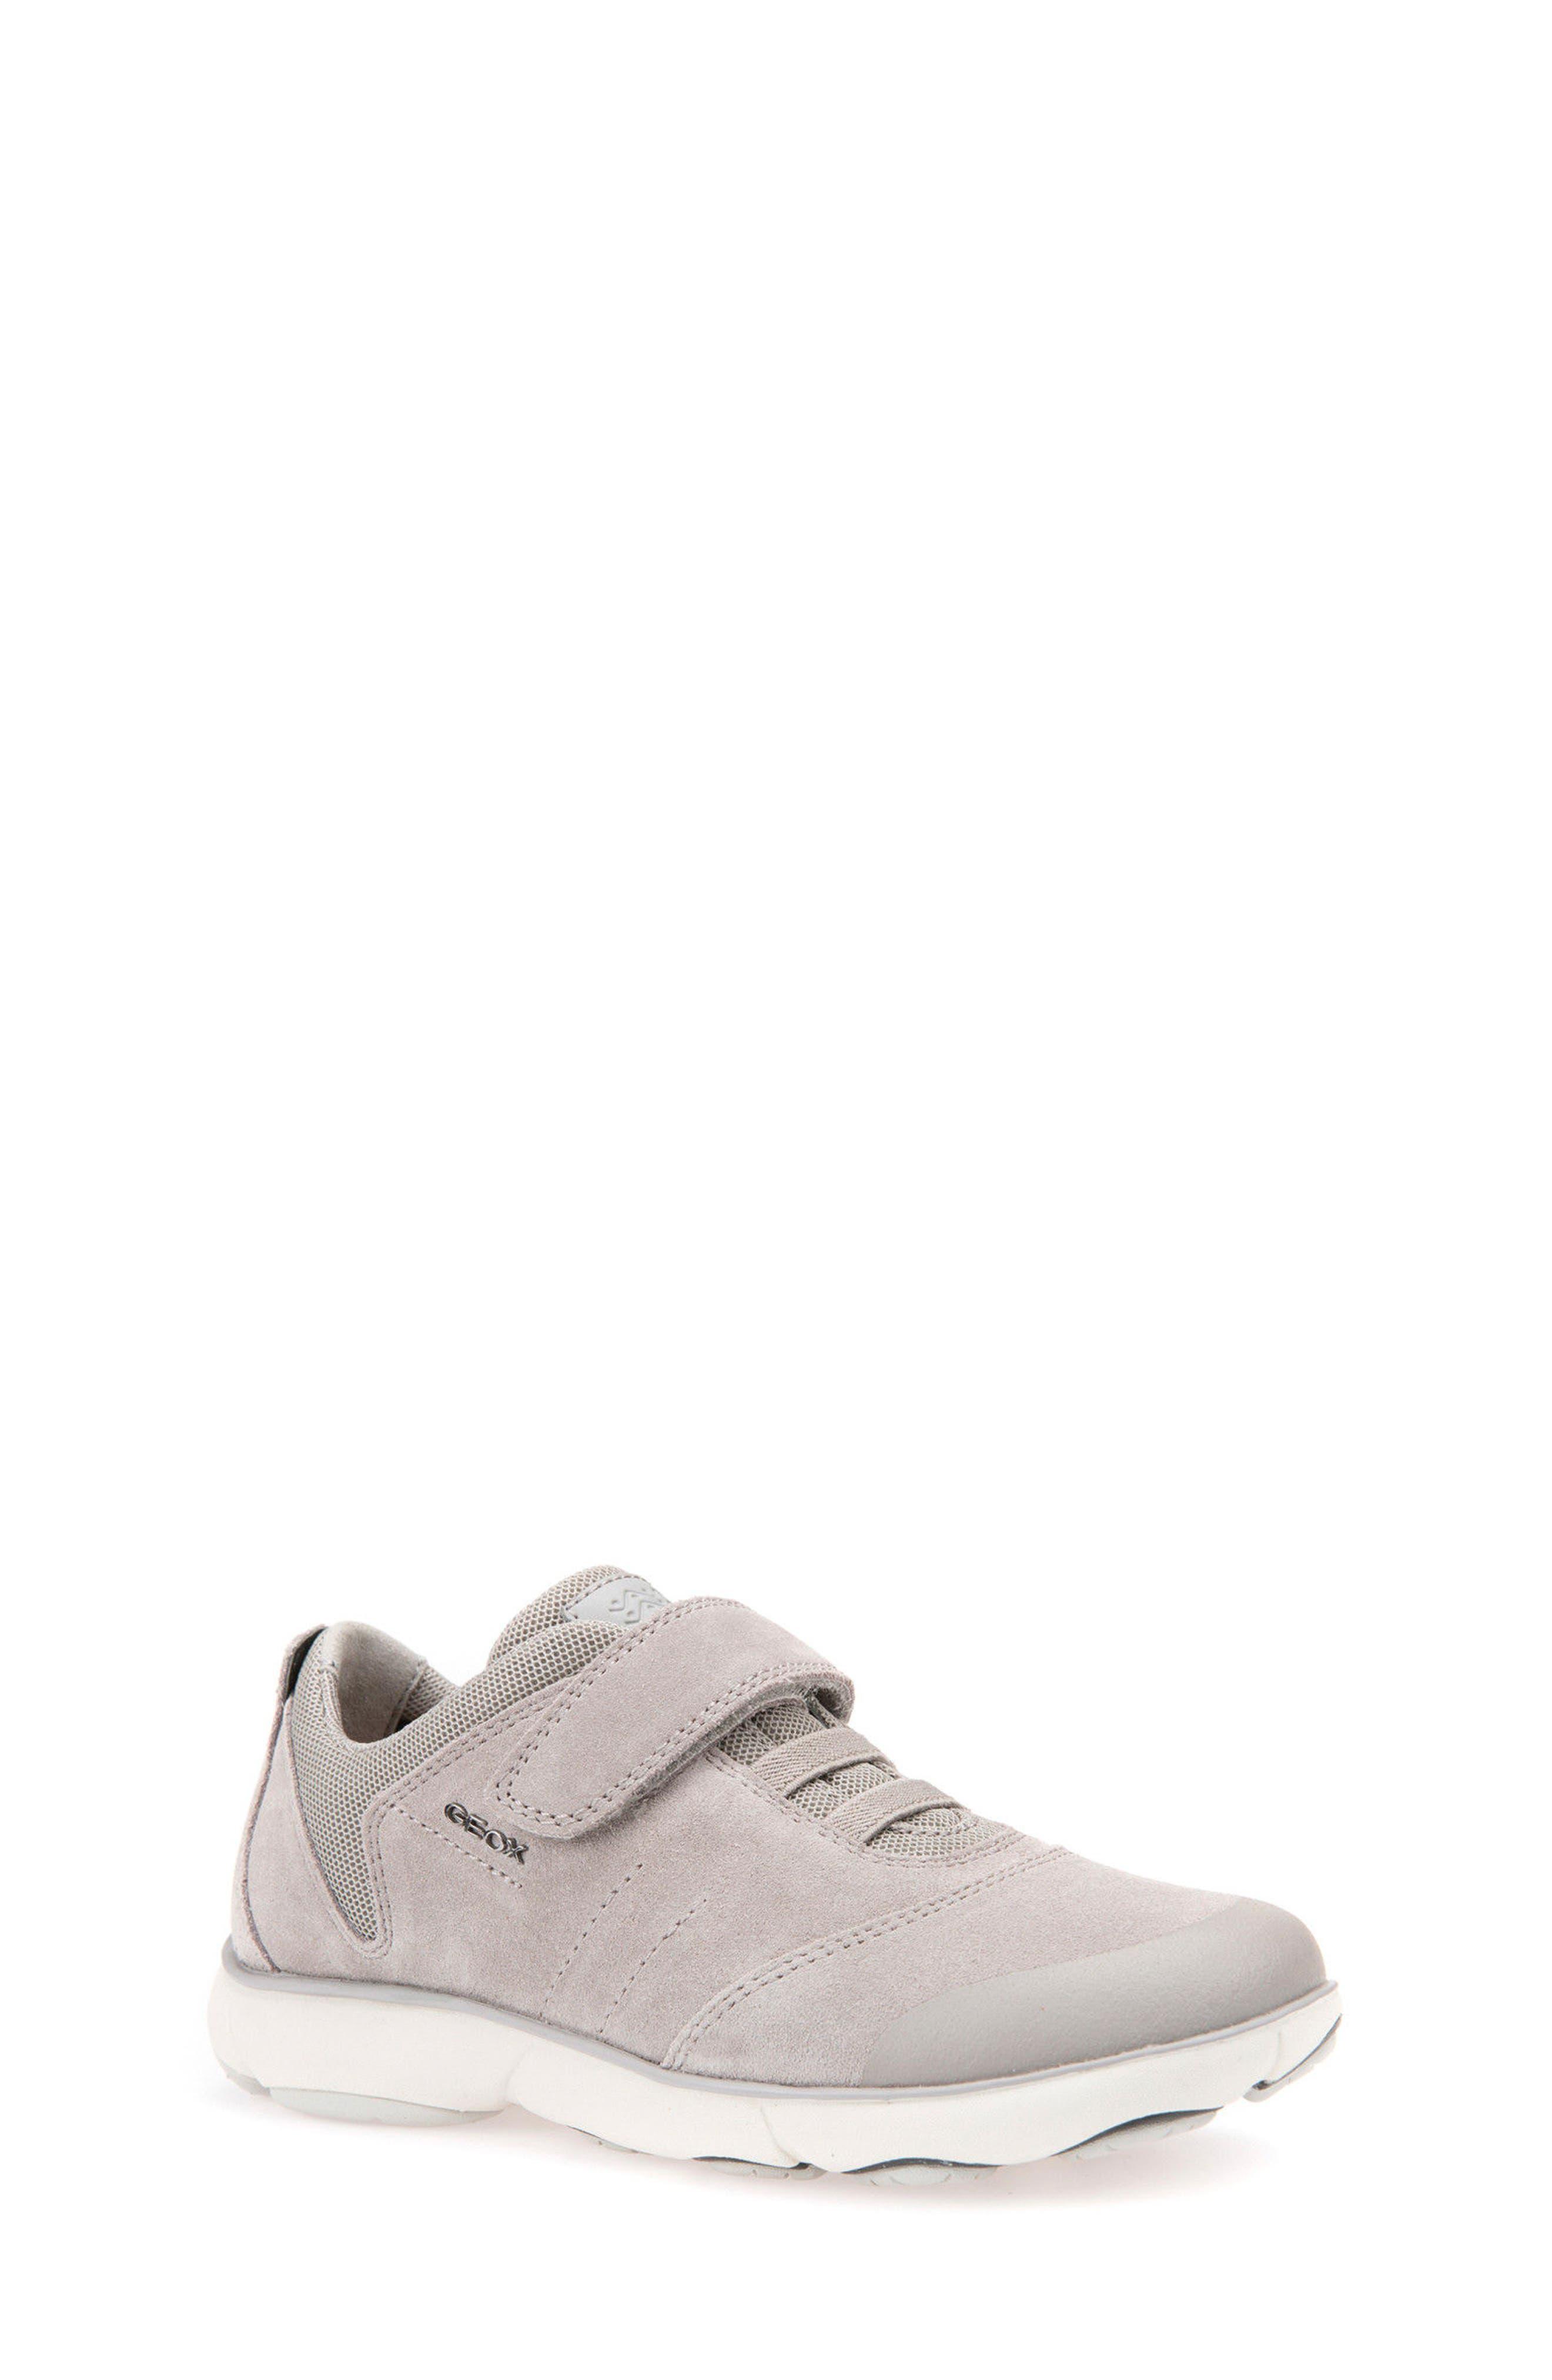 Nebula Low Top Sneaker,                         Main,                         color, Grey